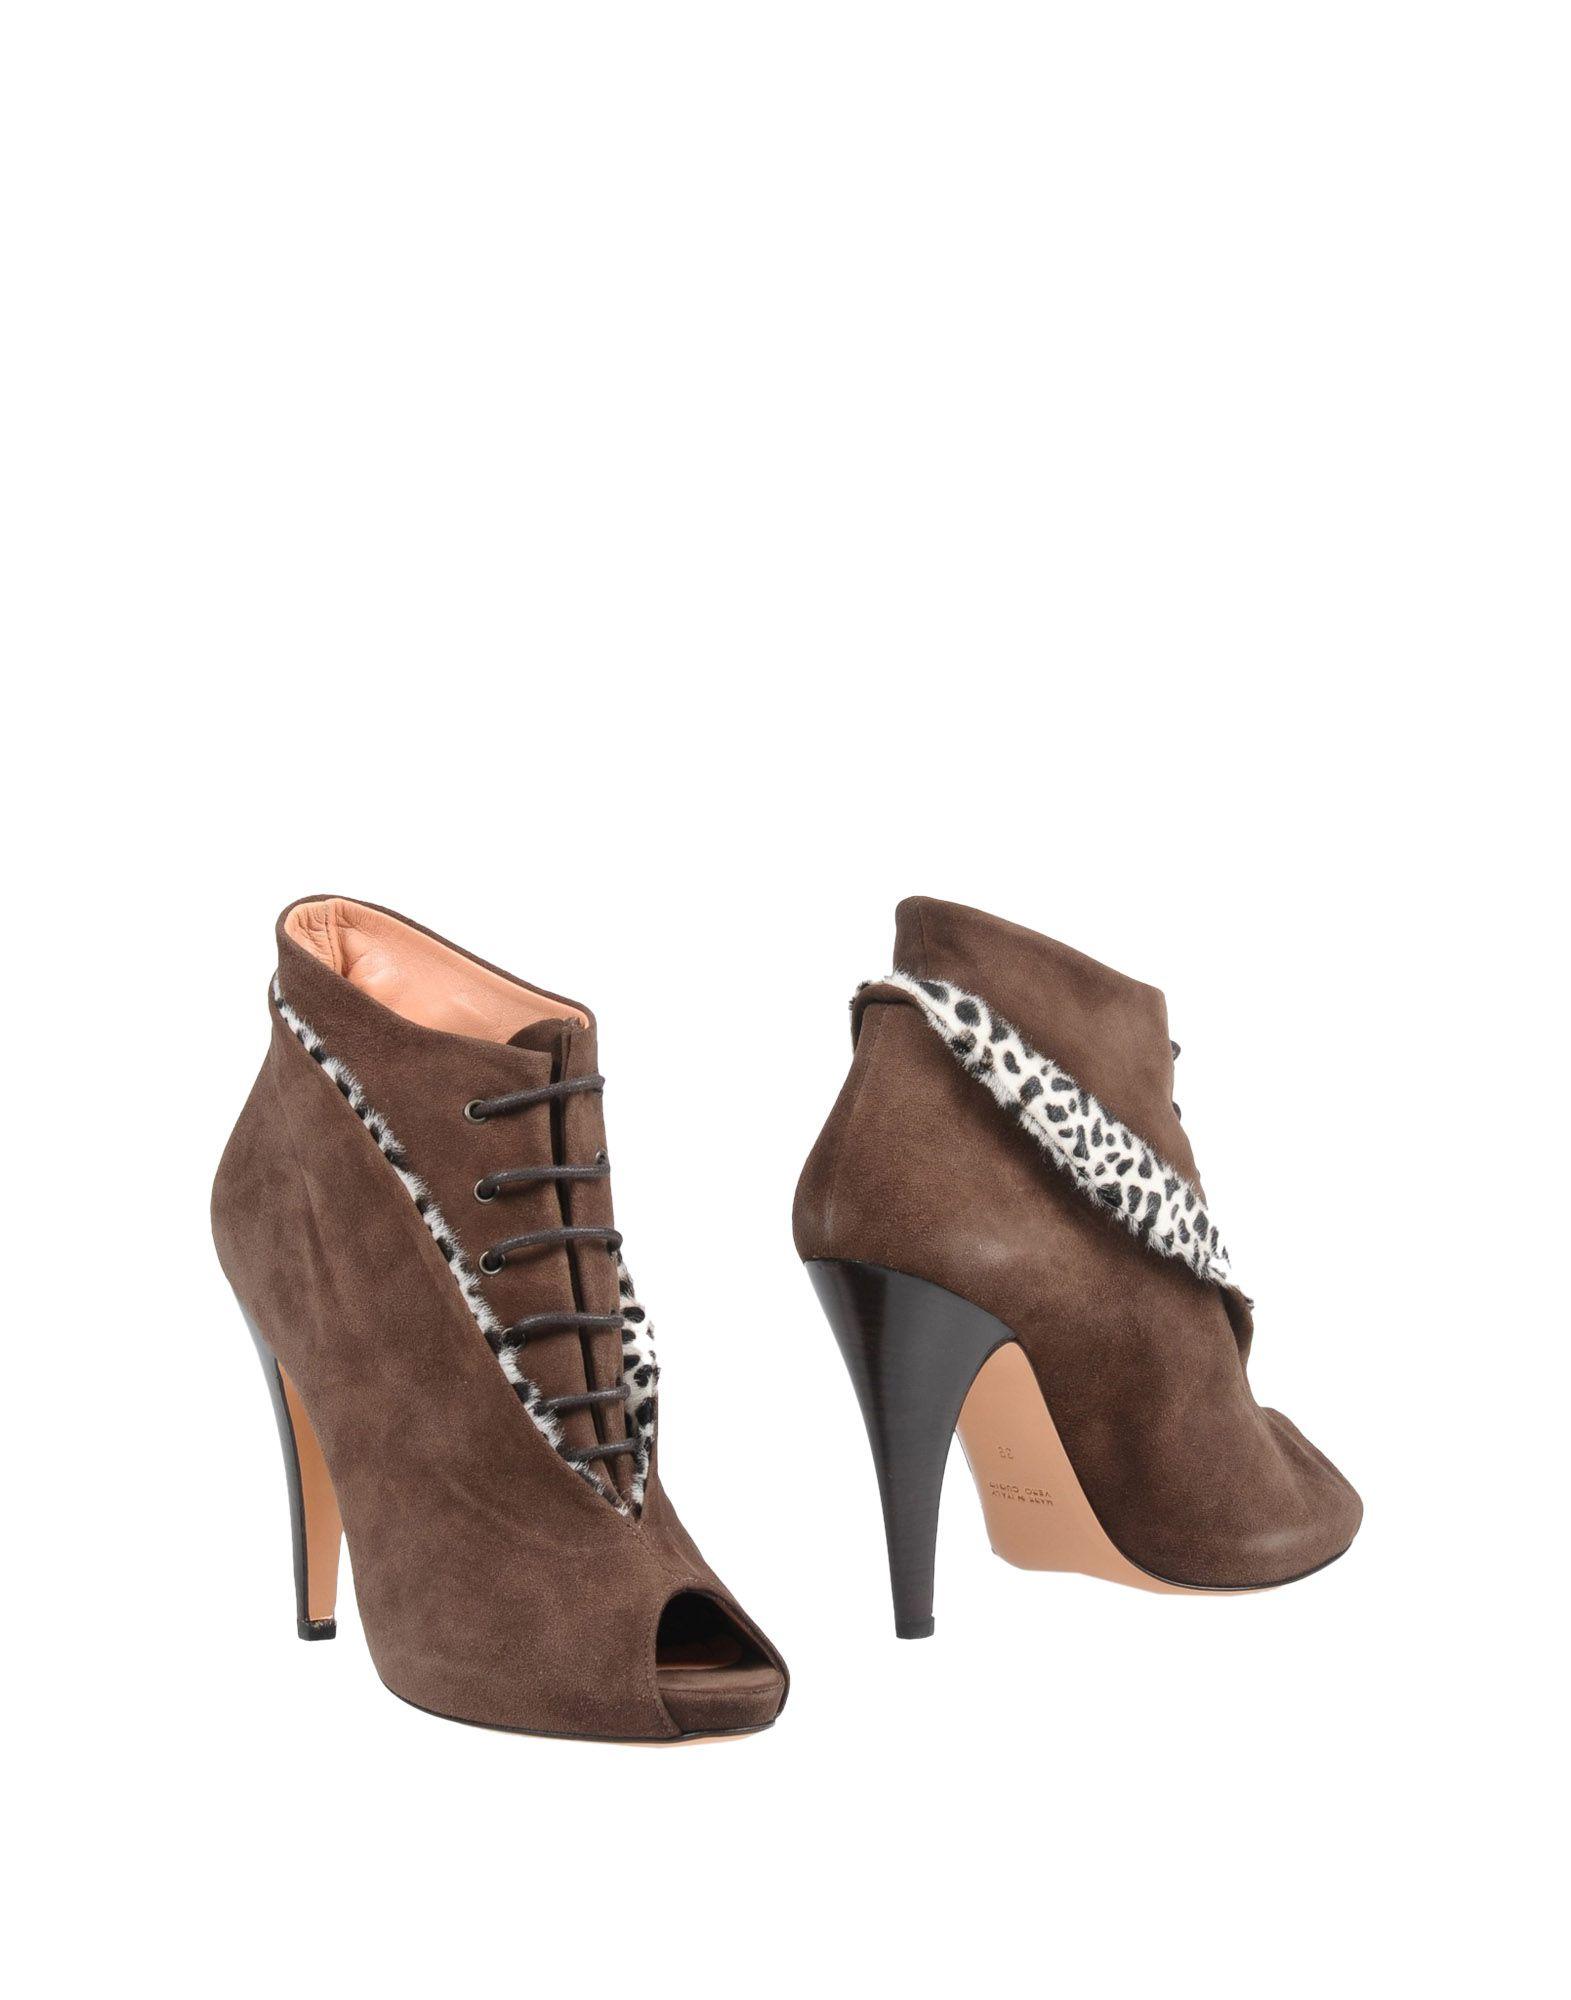 Garrice Stiefelette Damen  11422483OD Gute Qualität beliebte Schuhe